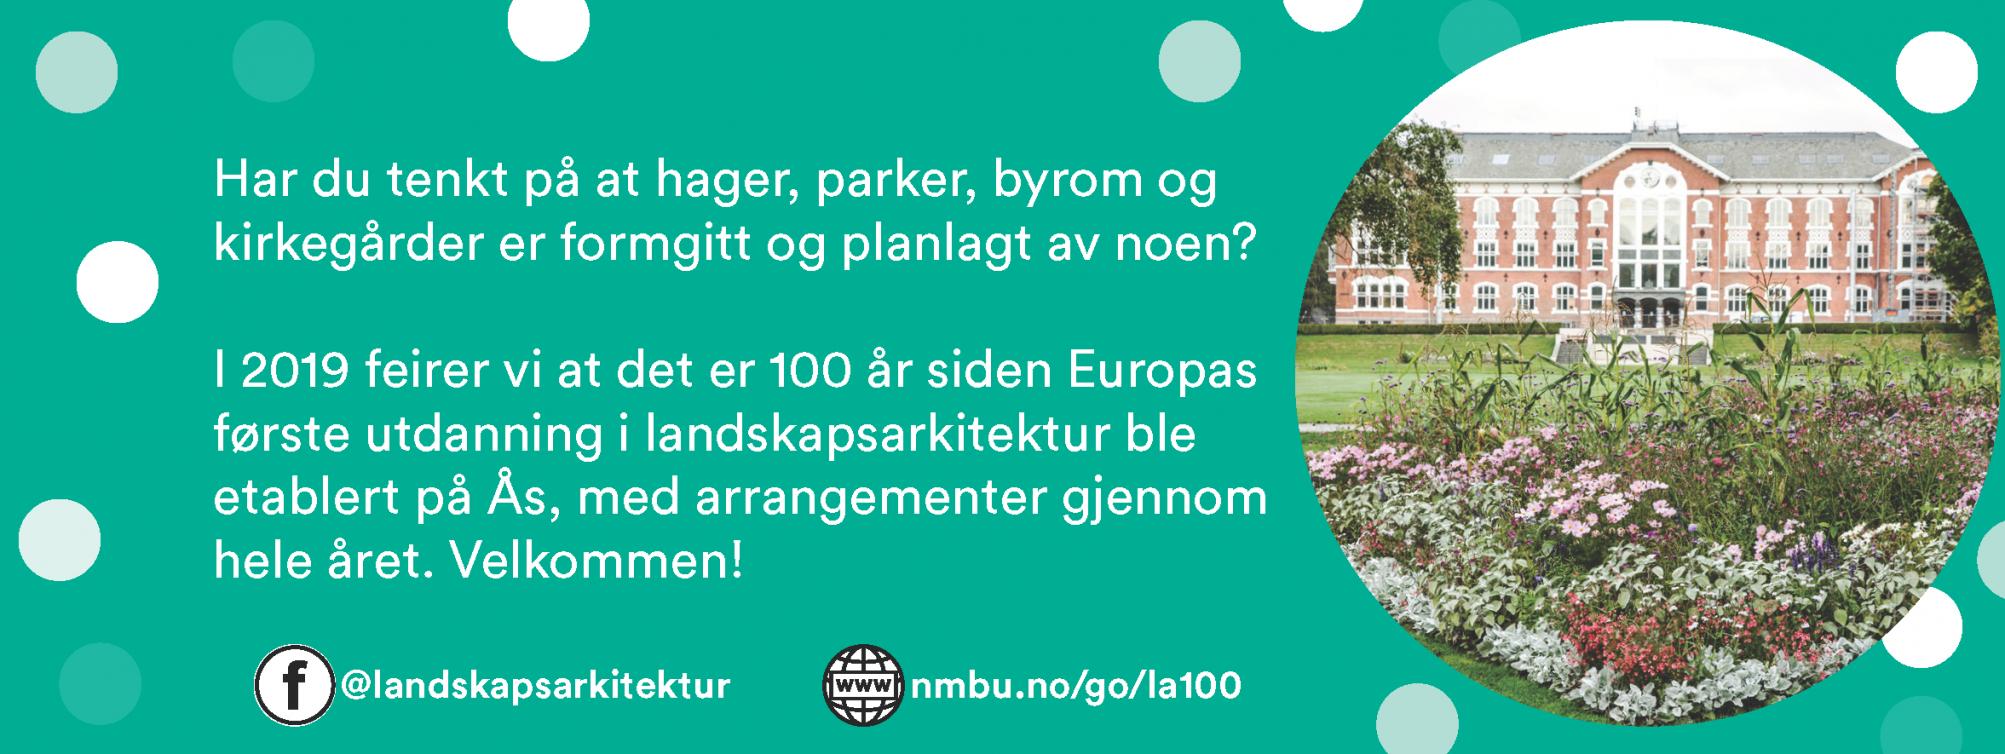 I 2019 er det 100 år siden utdanningen i landskapsarkitektur ble etablert på Ås, som den første av sitt slag i Europa. Begivenheten markeres med arrangementer og prosjekter gjennom hele jubileumsåret.